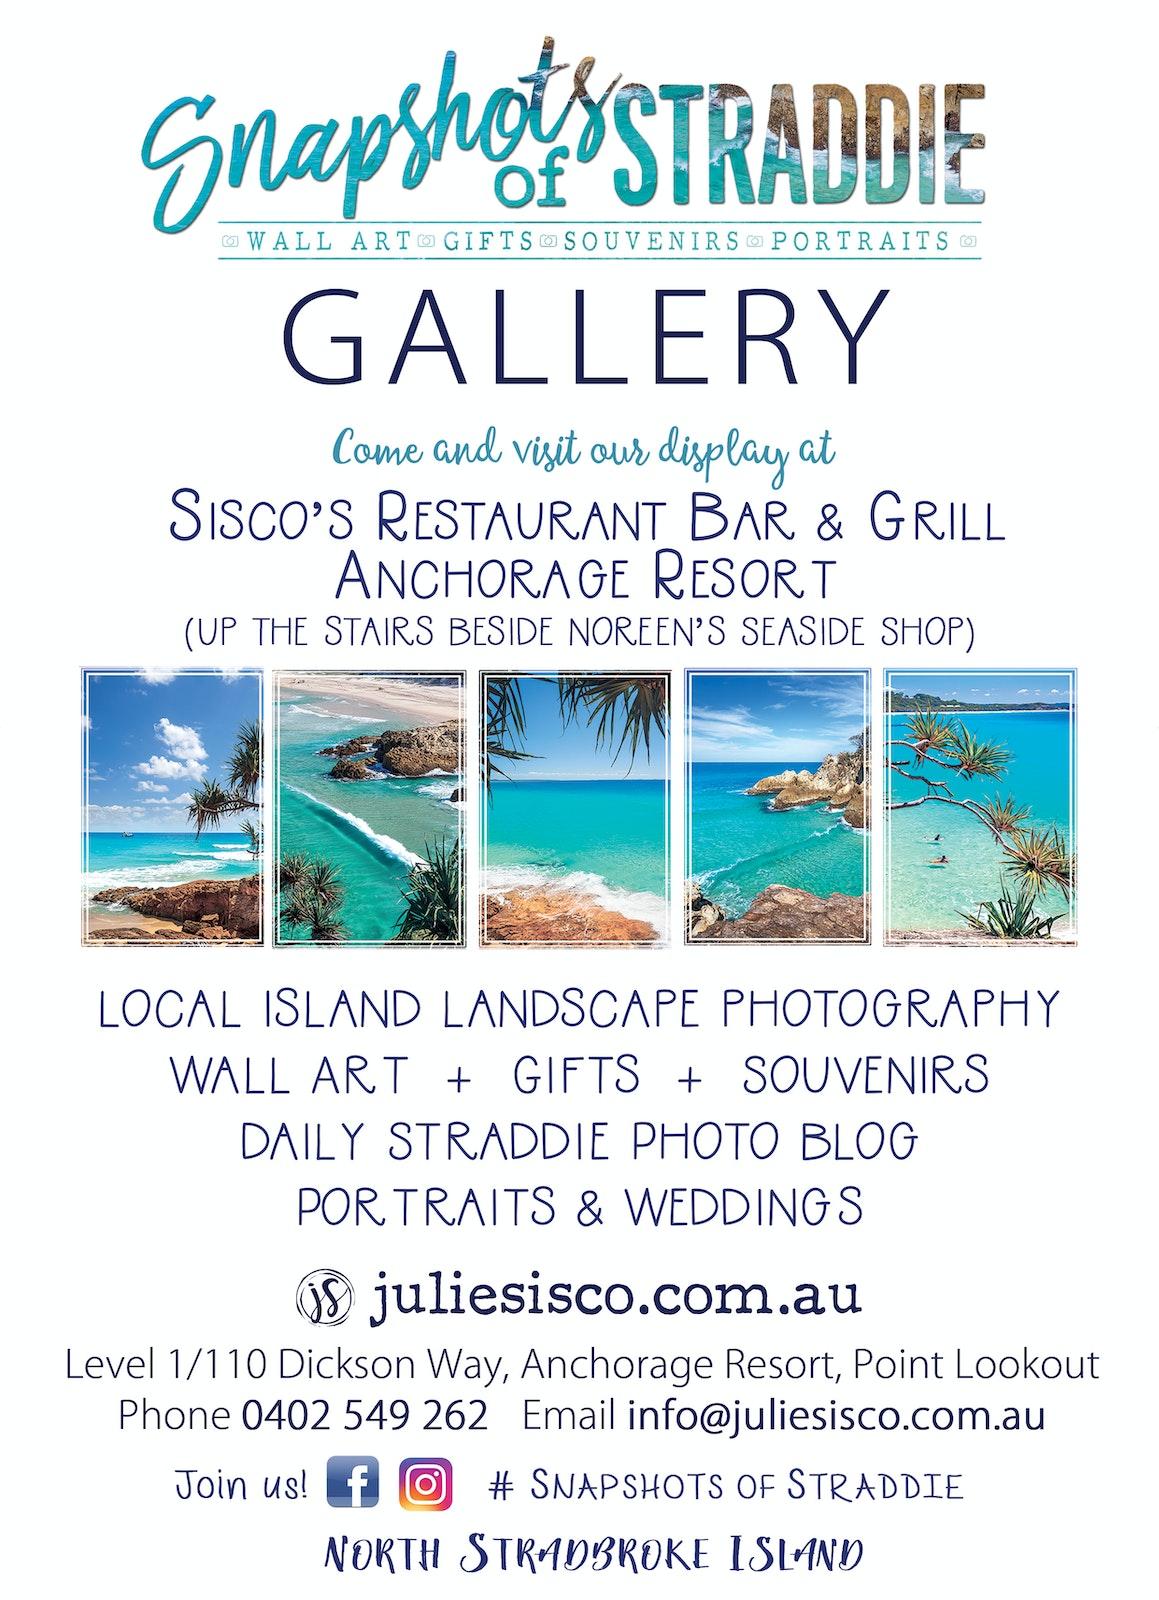 Snapshots of Straddie Gallery Julie Sisco Photography - Snapshots of Straddie. Wall Art Landscape and Seascape Photography by Julie Sisco. Photos from...